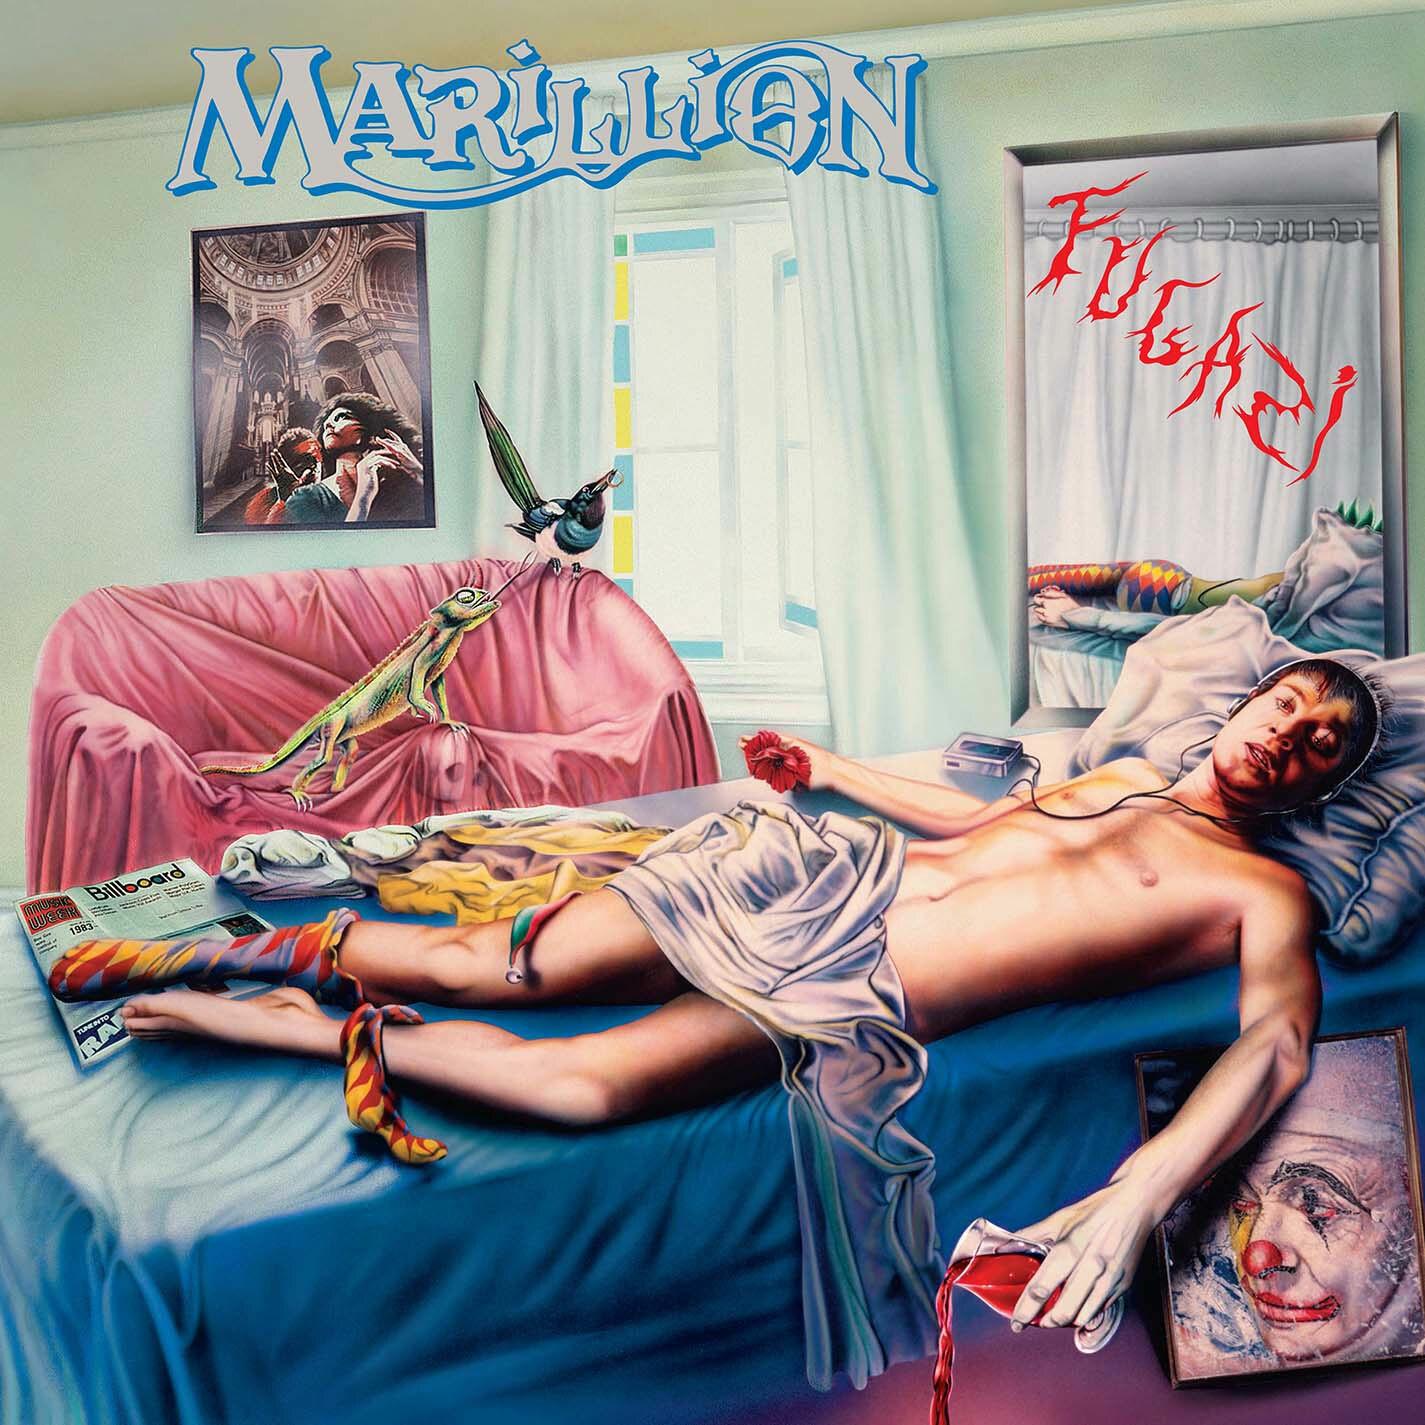 Marillion - Fugazi [LTD 4xLP BOX]